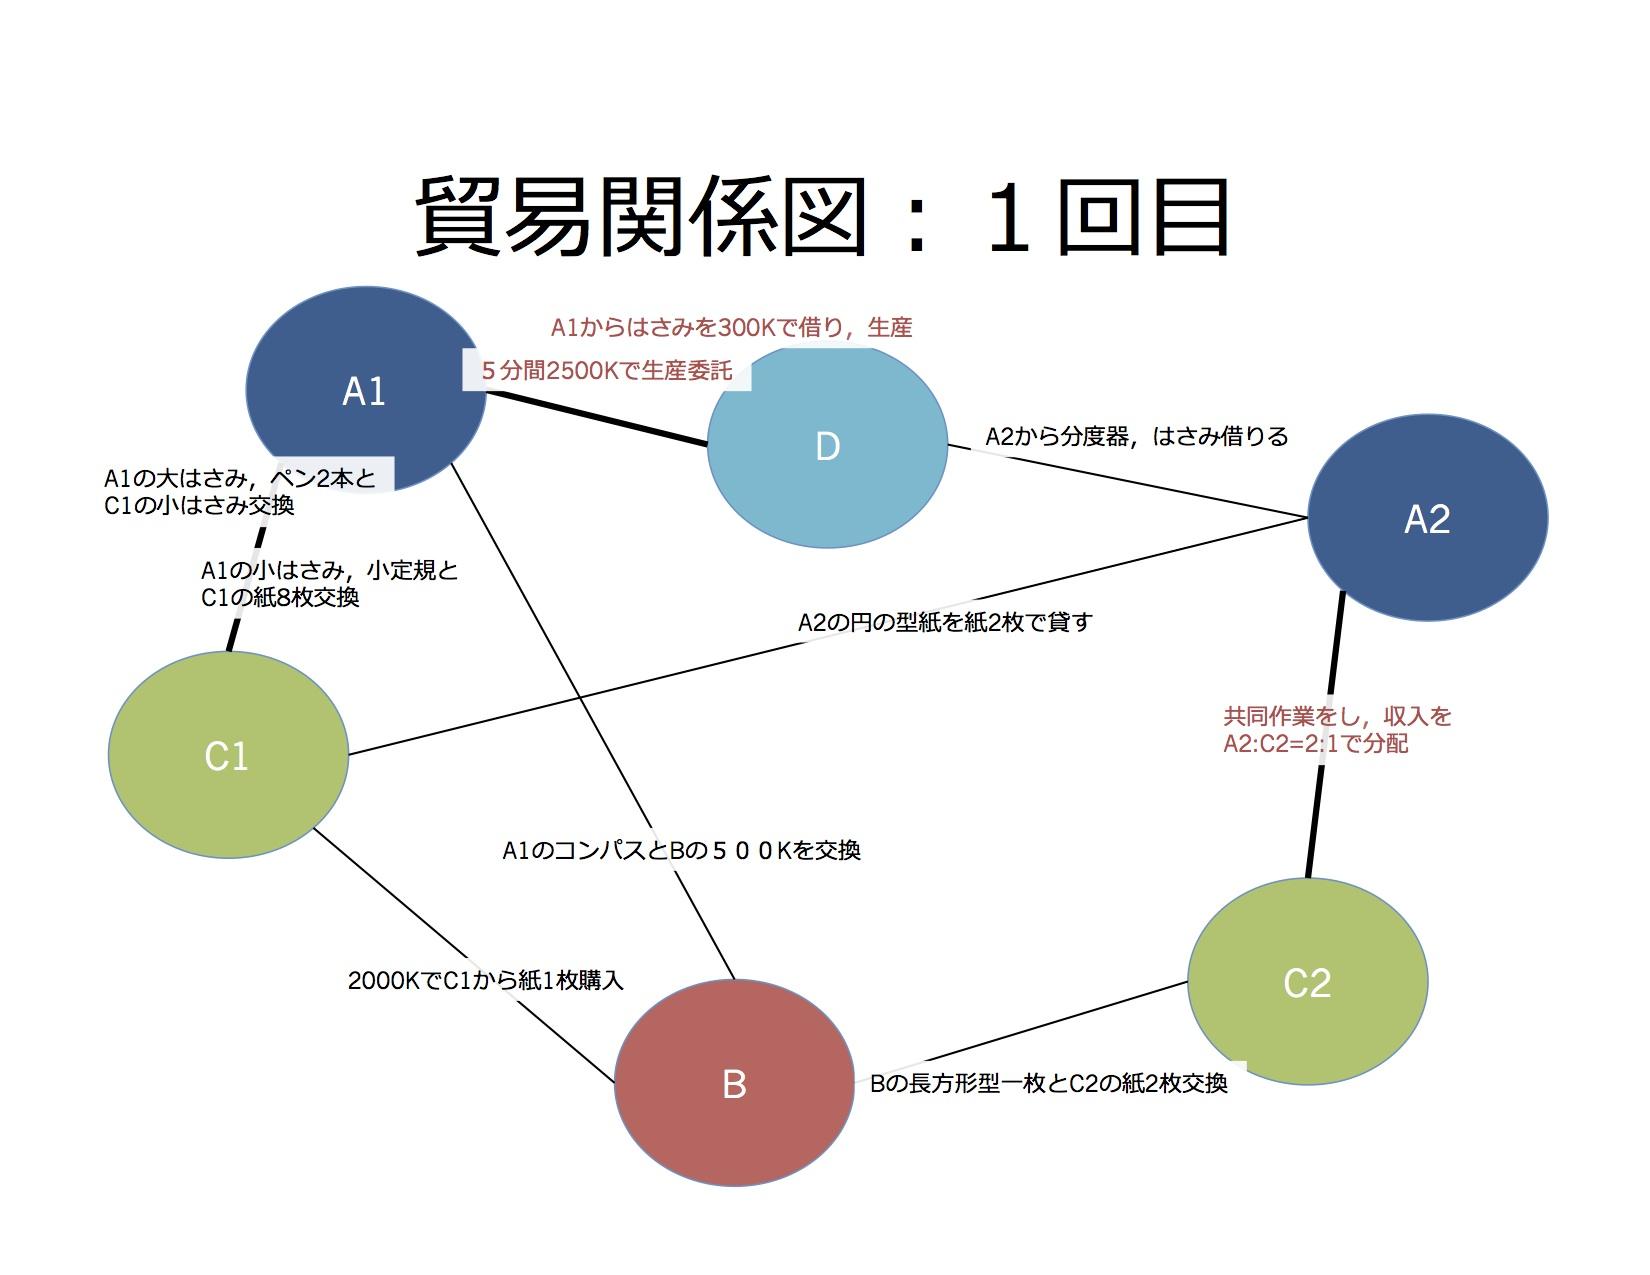 貿易 | [組圖+影片] 的最新詳盡資料** (必看!!) - yes-news.com 熱門關